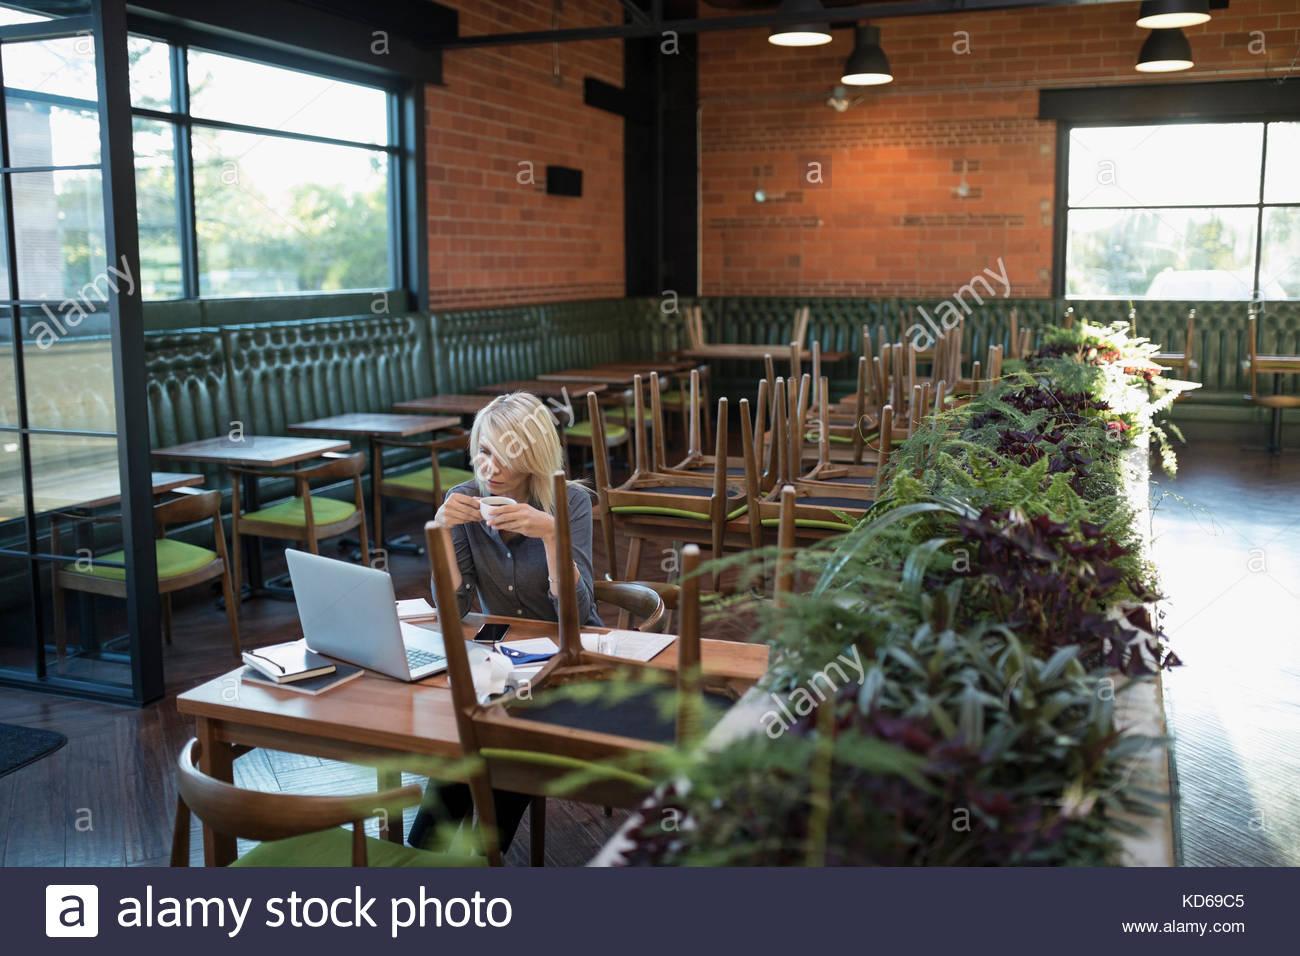 Propriétaire de l'entreprise cafe femme de boire du café et payer les factures, working at laptop Photo Stock